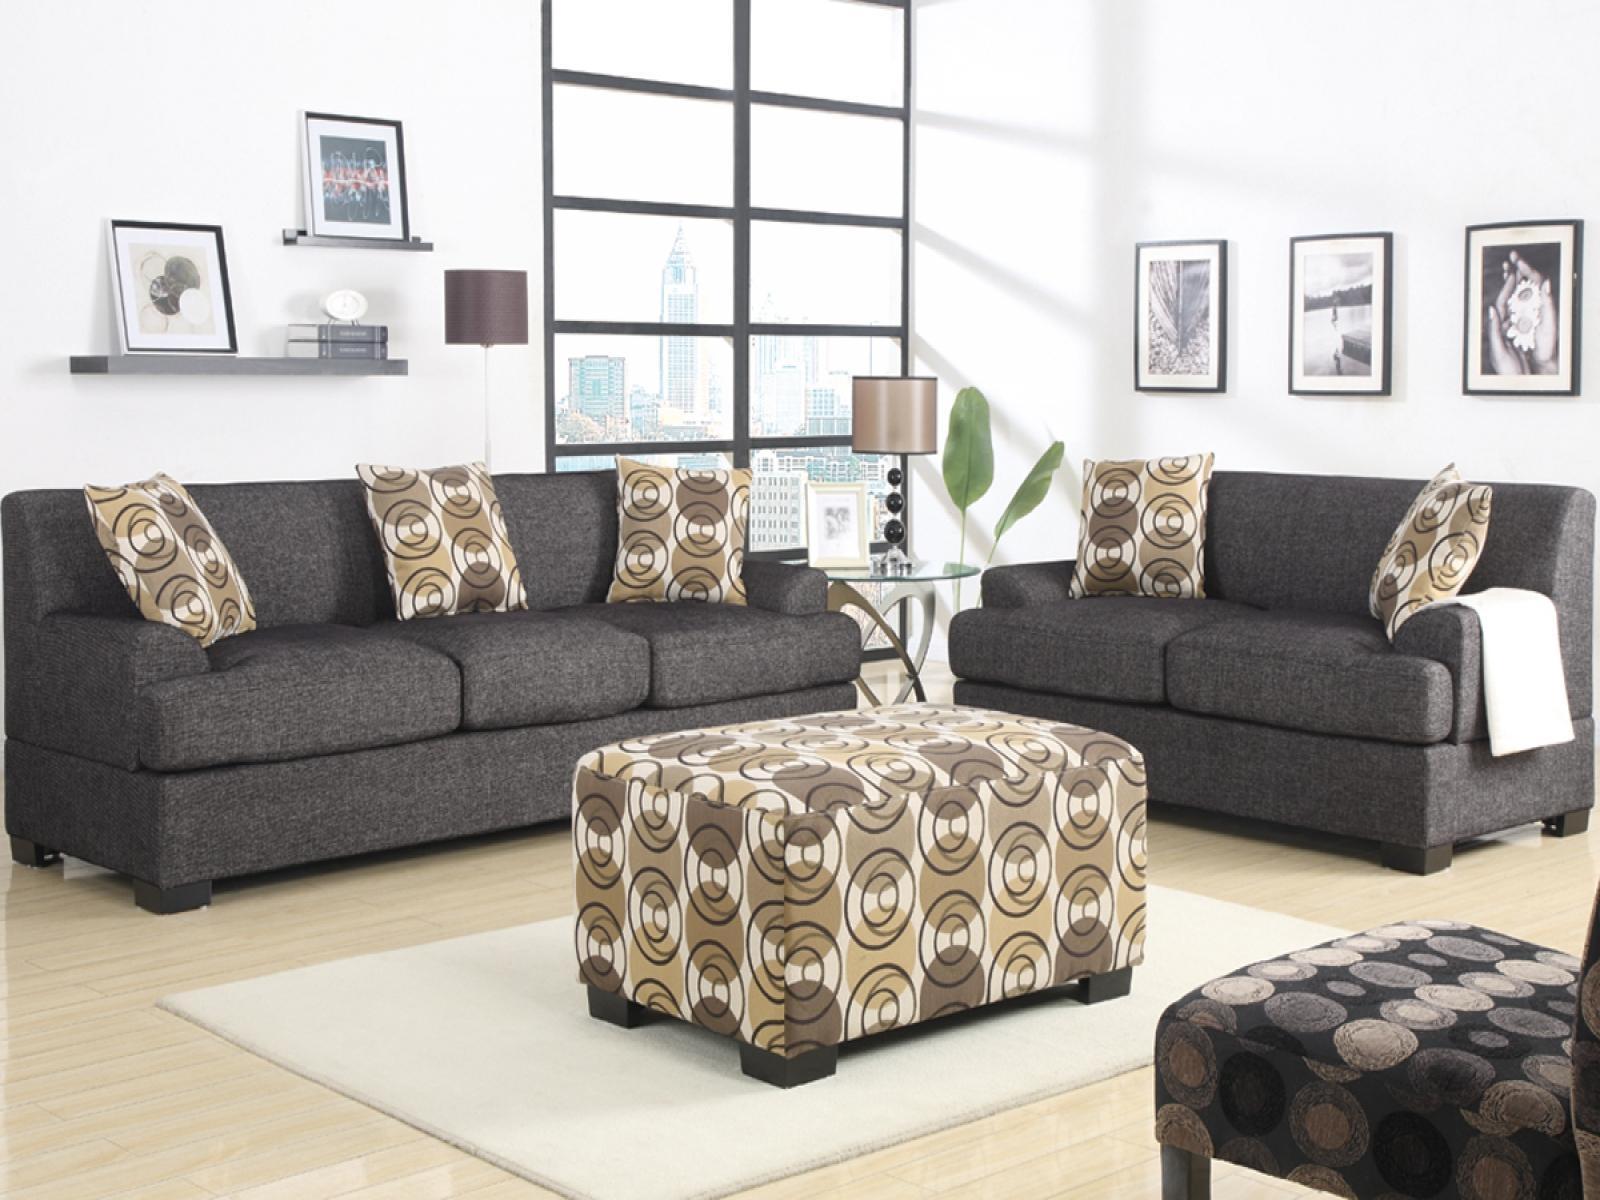 Sofa Big Lots Regarding Big Lots Sofa (View 20 of 20)